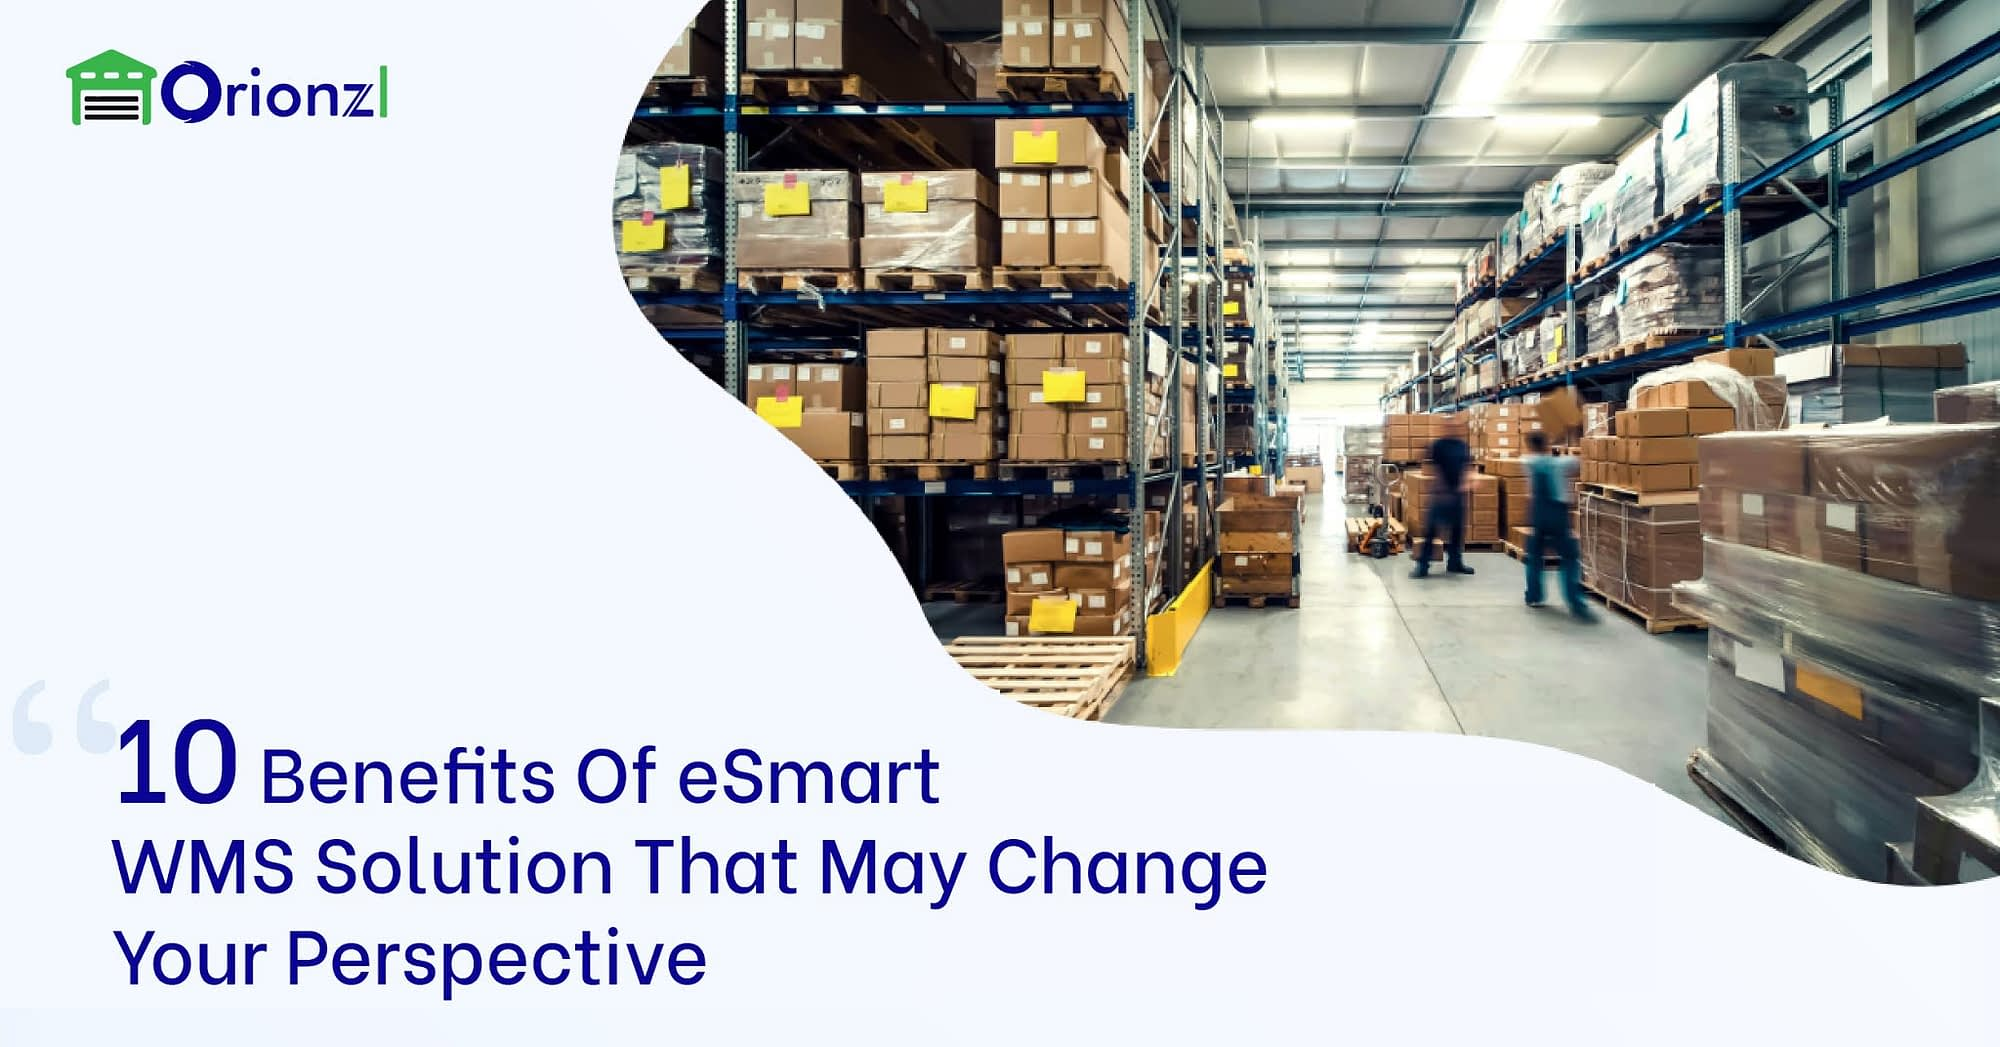 10 Benefits of eSmart WMS Solution - redbixbite.com